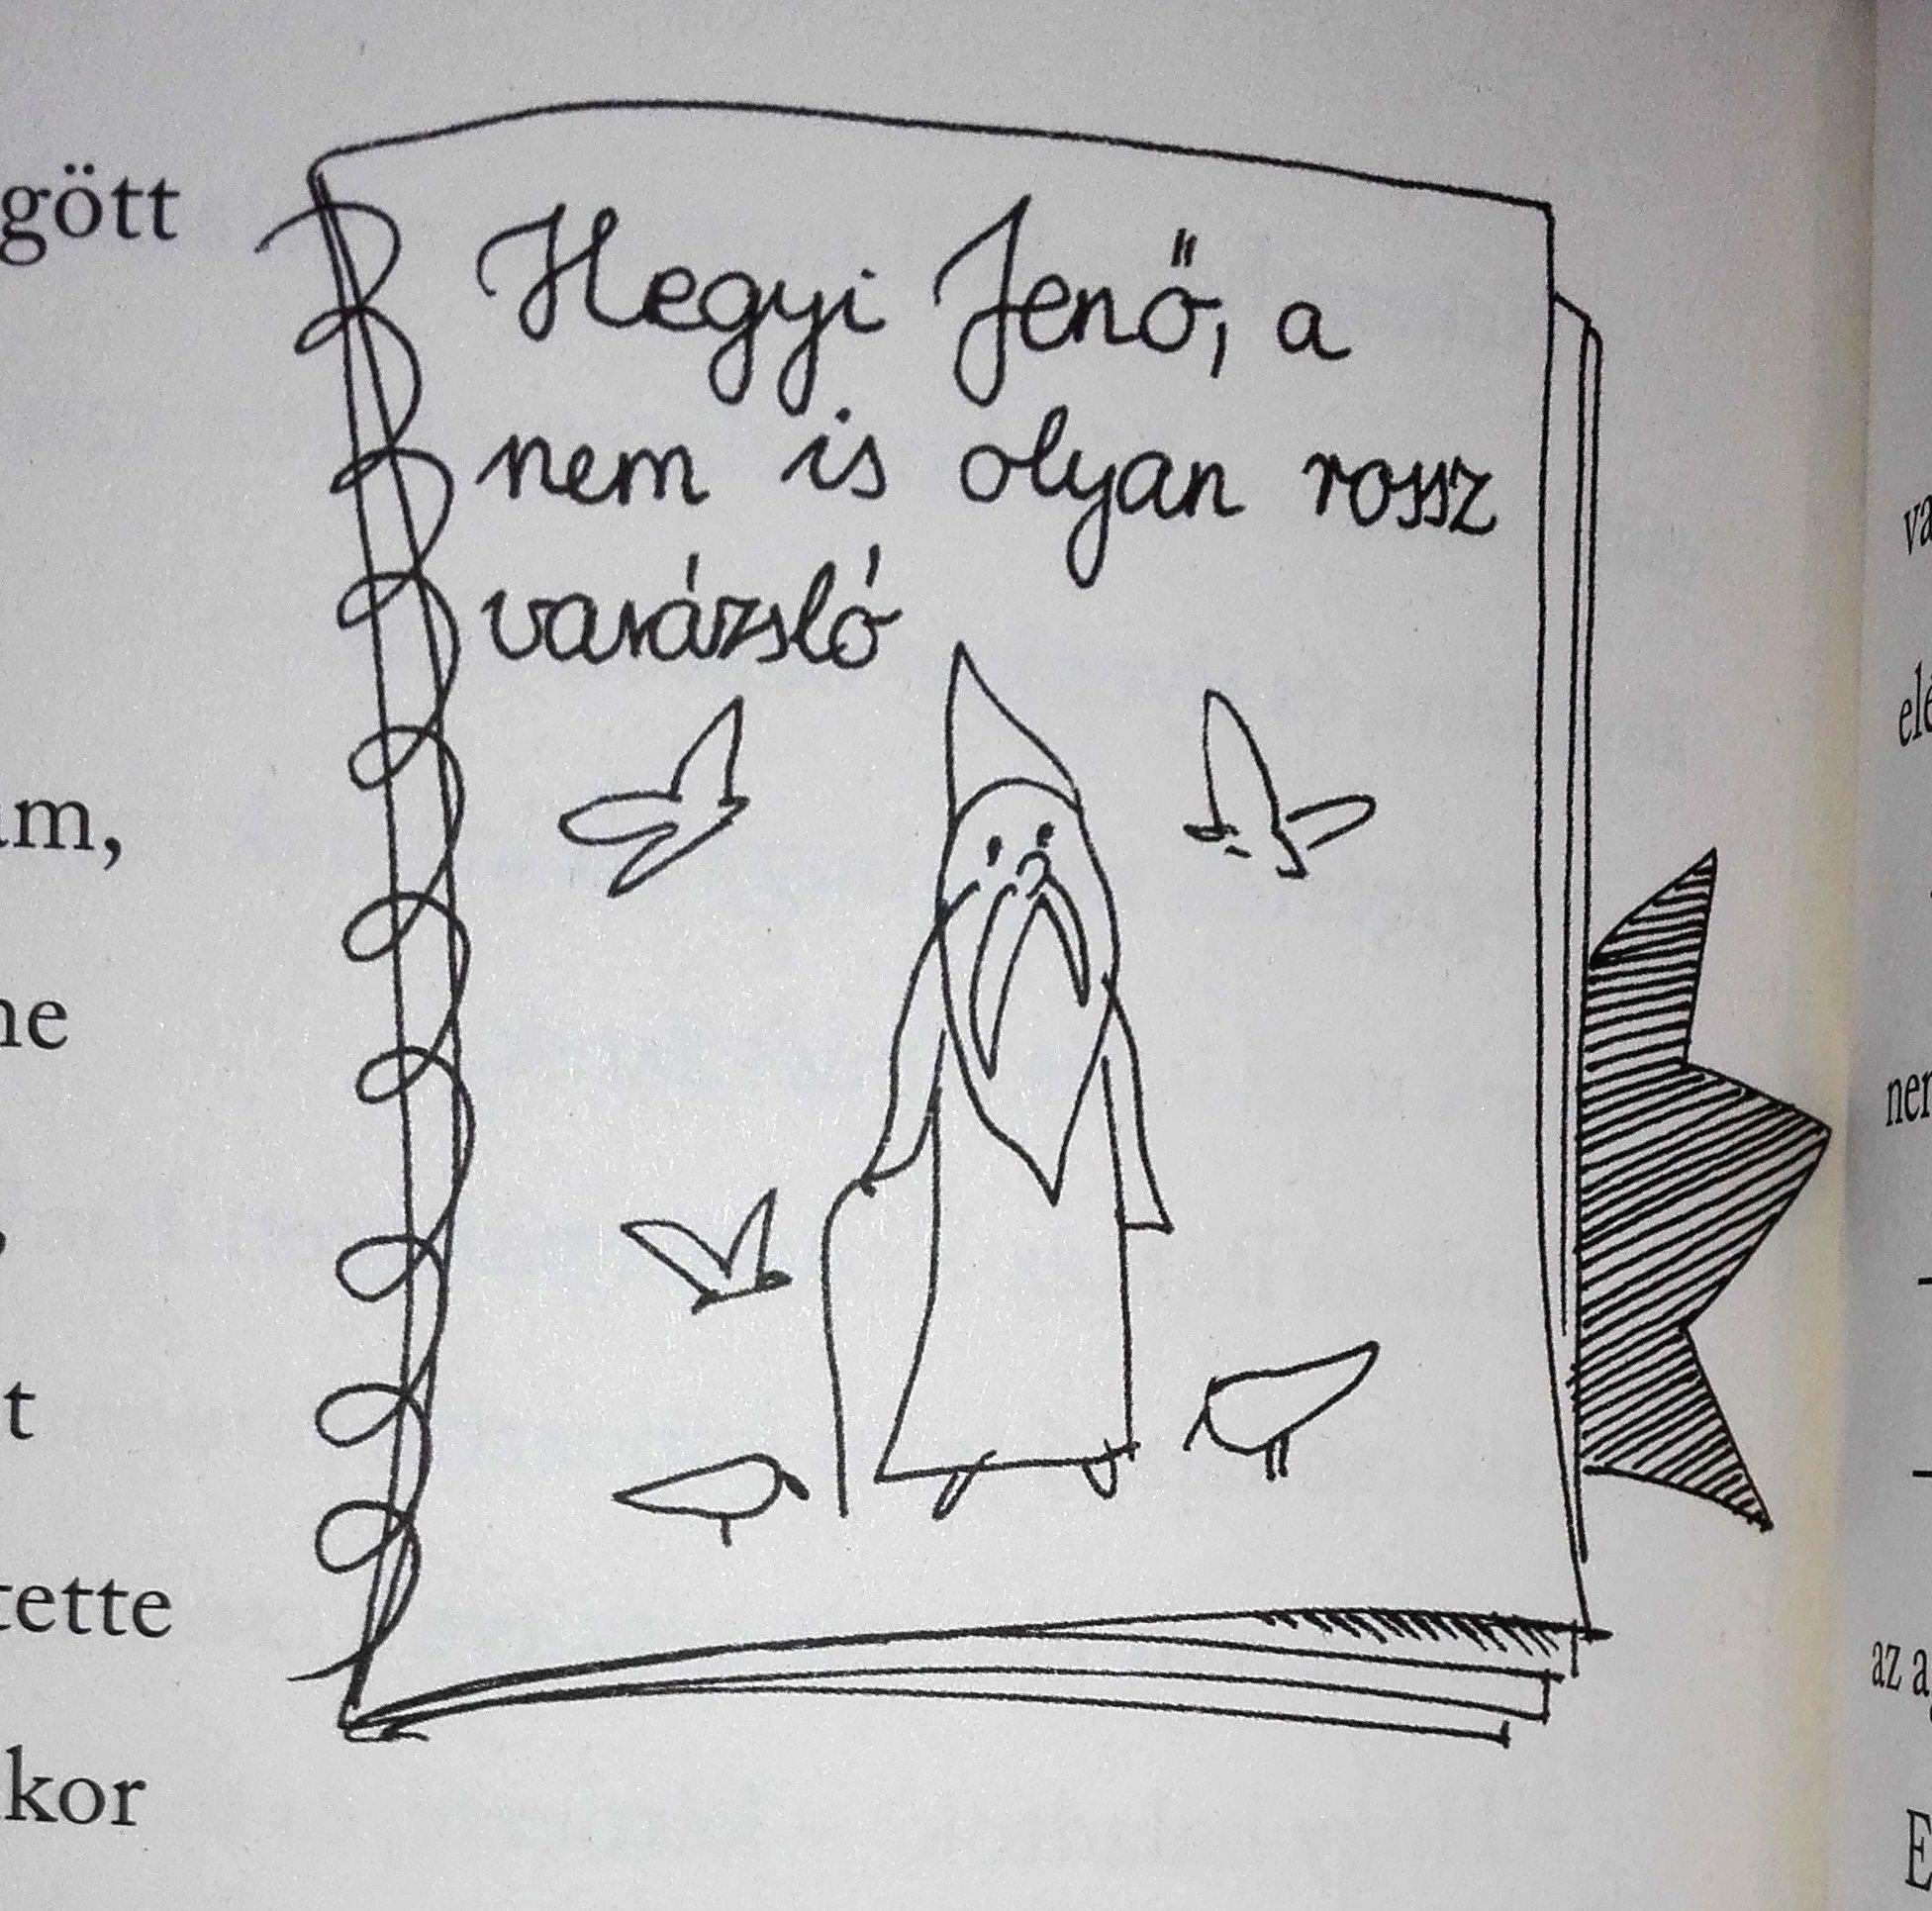 Ecsédi Orsolya Banyavész (Kell egy csapat! 1.) Könyvmolyképző, Szeged, 2018 152 oldal · keménytáblás · ISBN: 9789634575306 · Illusztrálta: László Maya